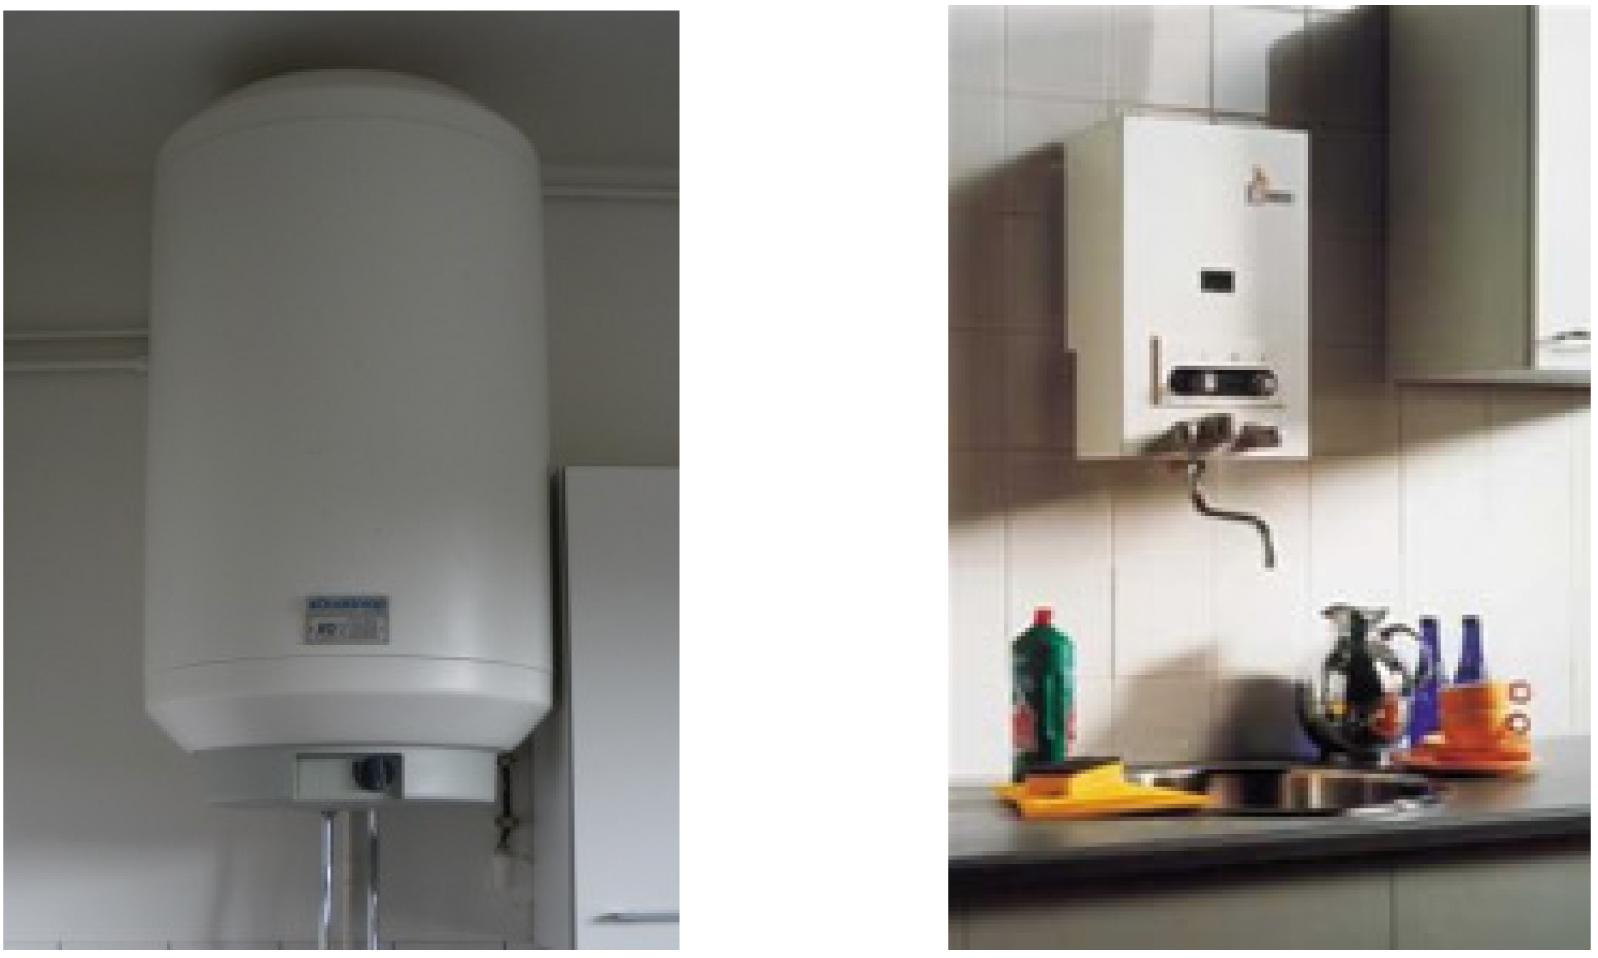 Kleine Boiler Keuken : Kleine elektrische boiler keuken u2013 informatie over de keuken